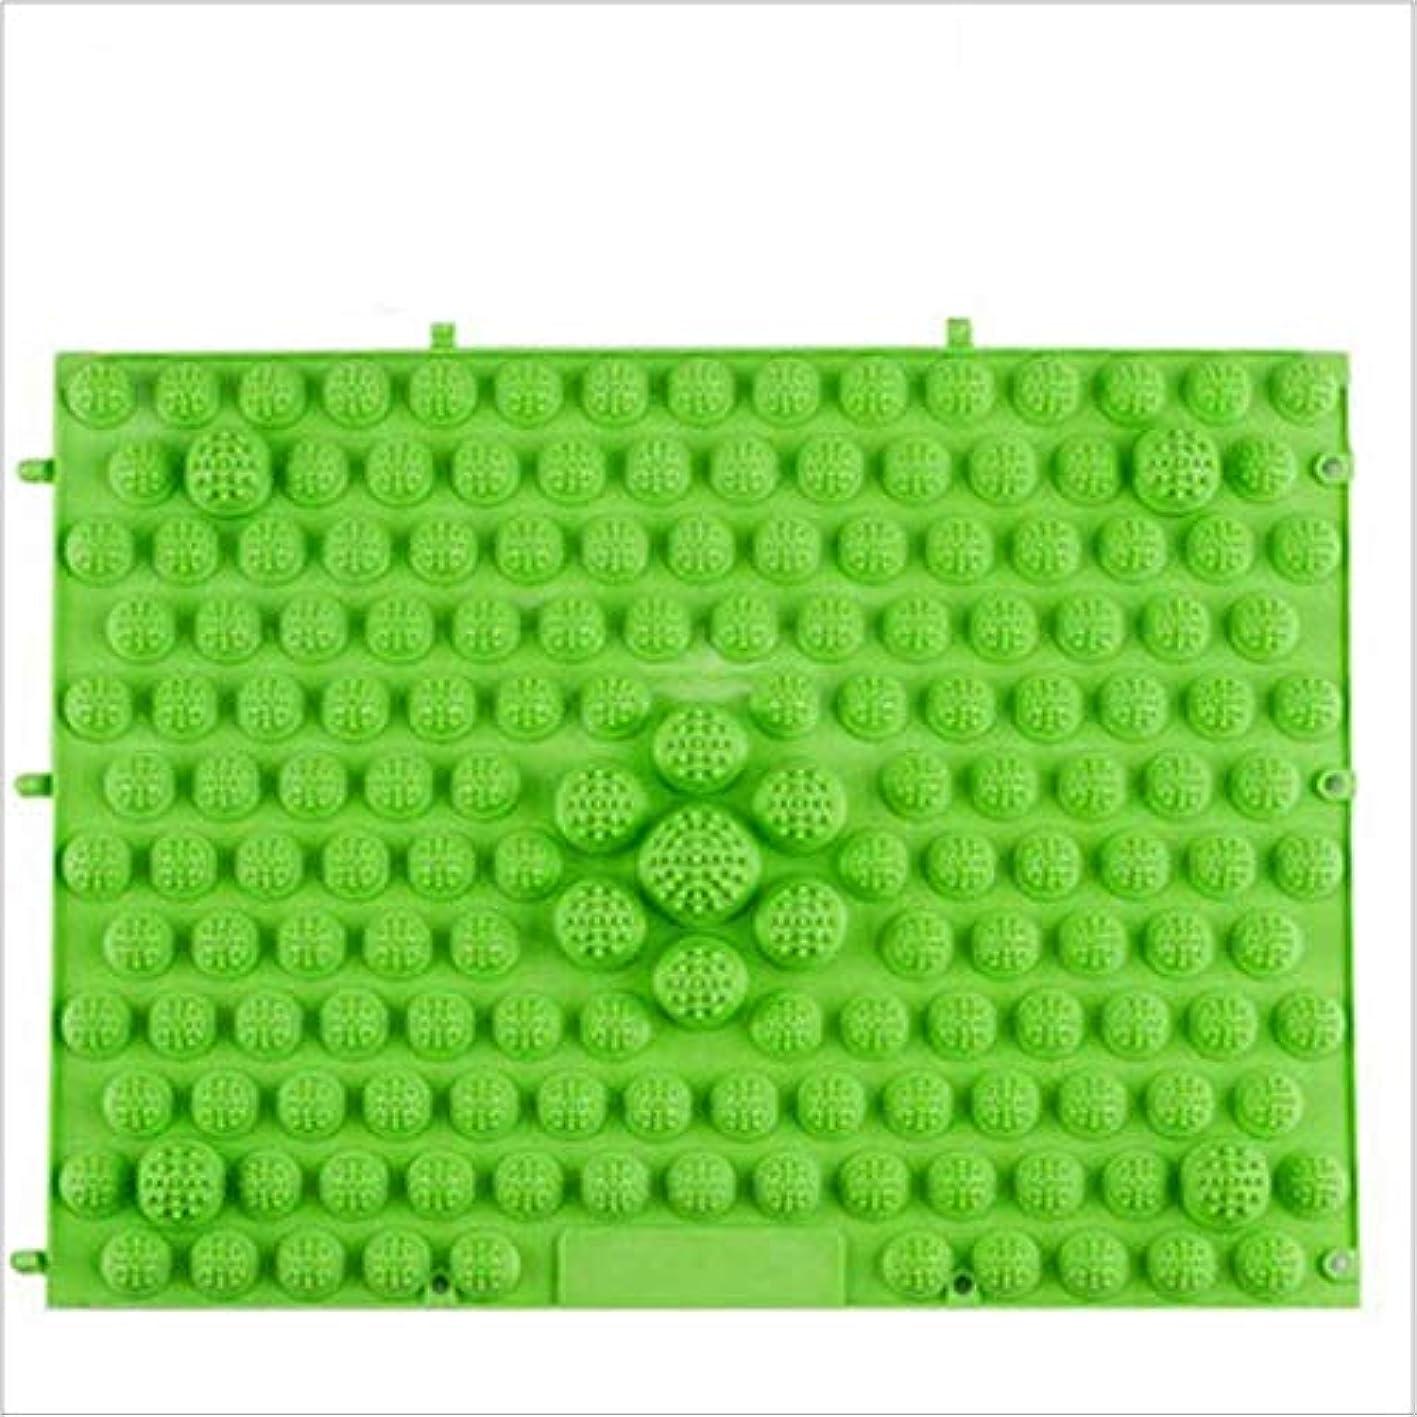 してはいけません情熱的クマノミウォークマット 裏板セット(ABS樹脂製補強板付き) (グリーン)